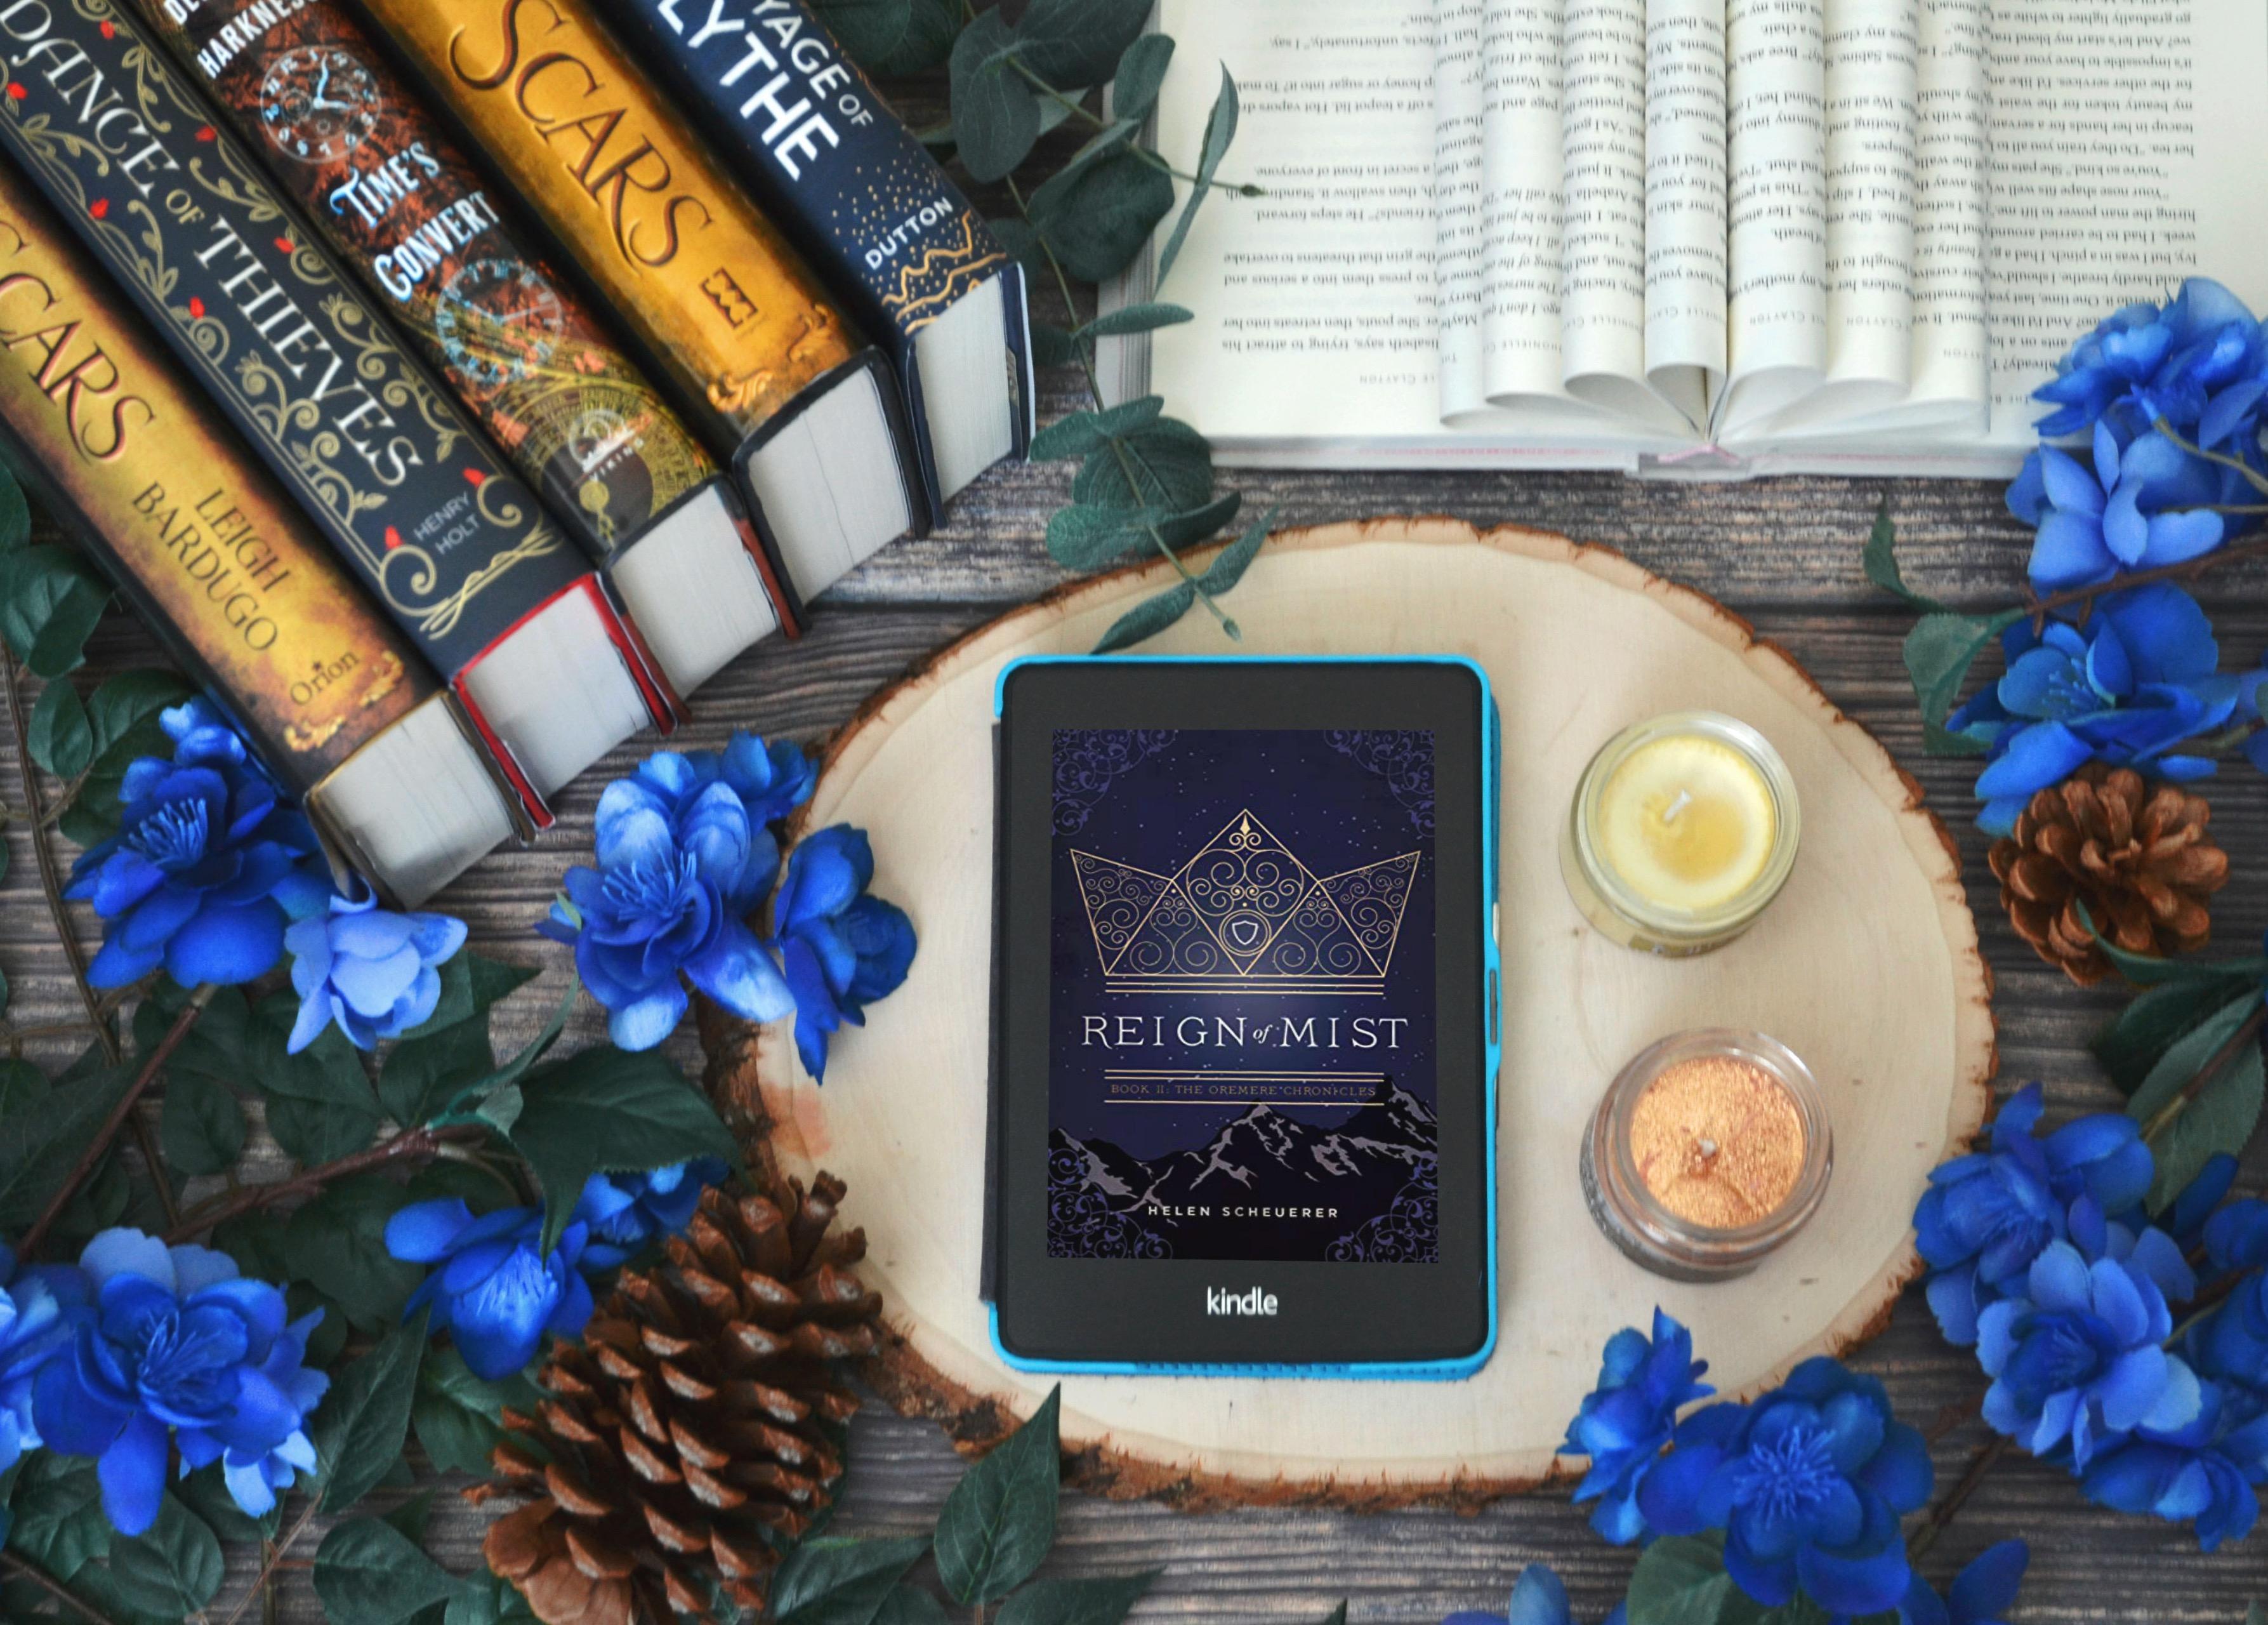 Reign of Mist by Helen Scheuerer   Review